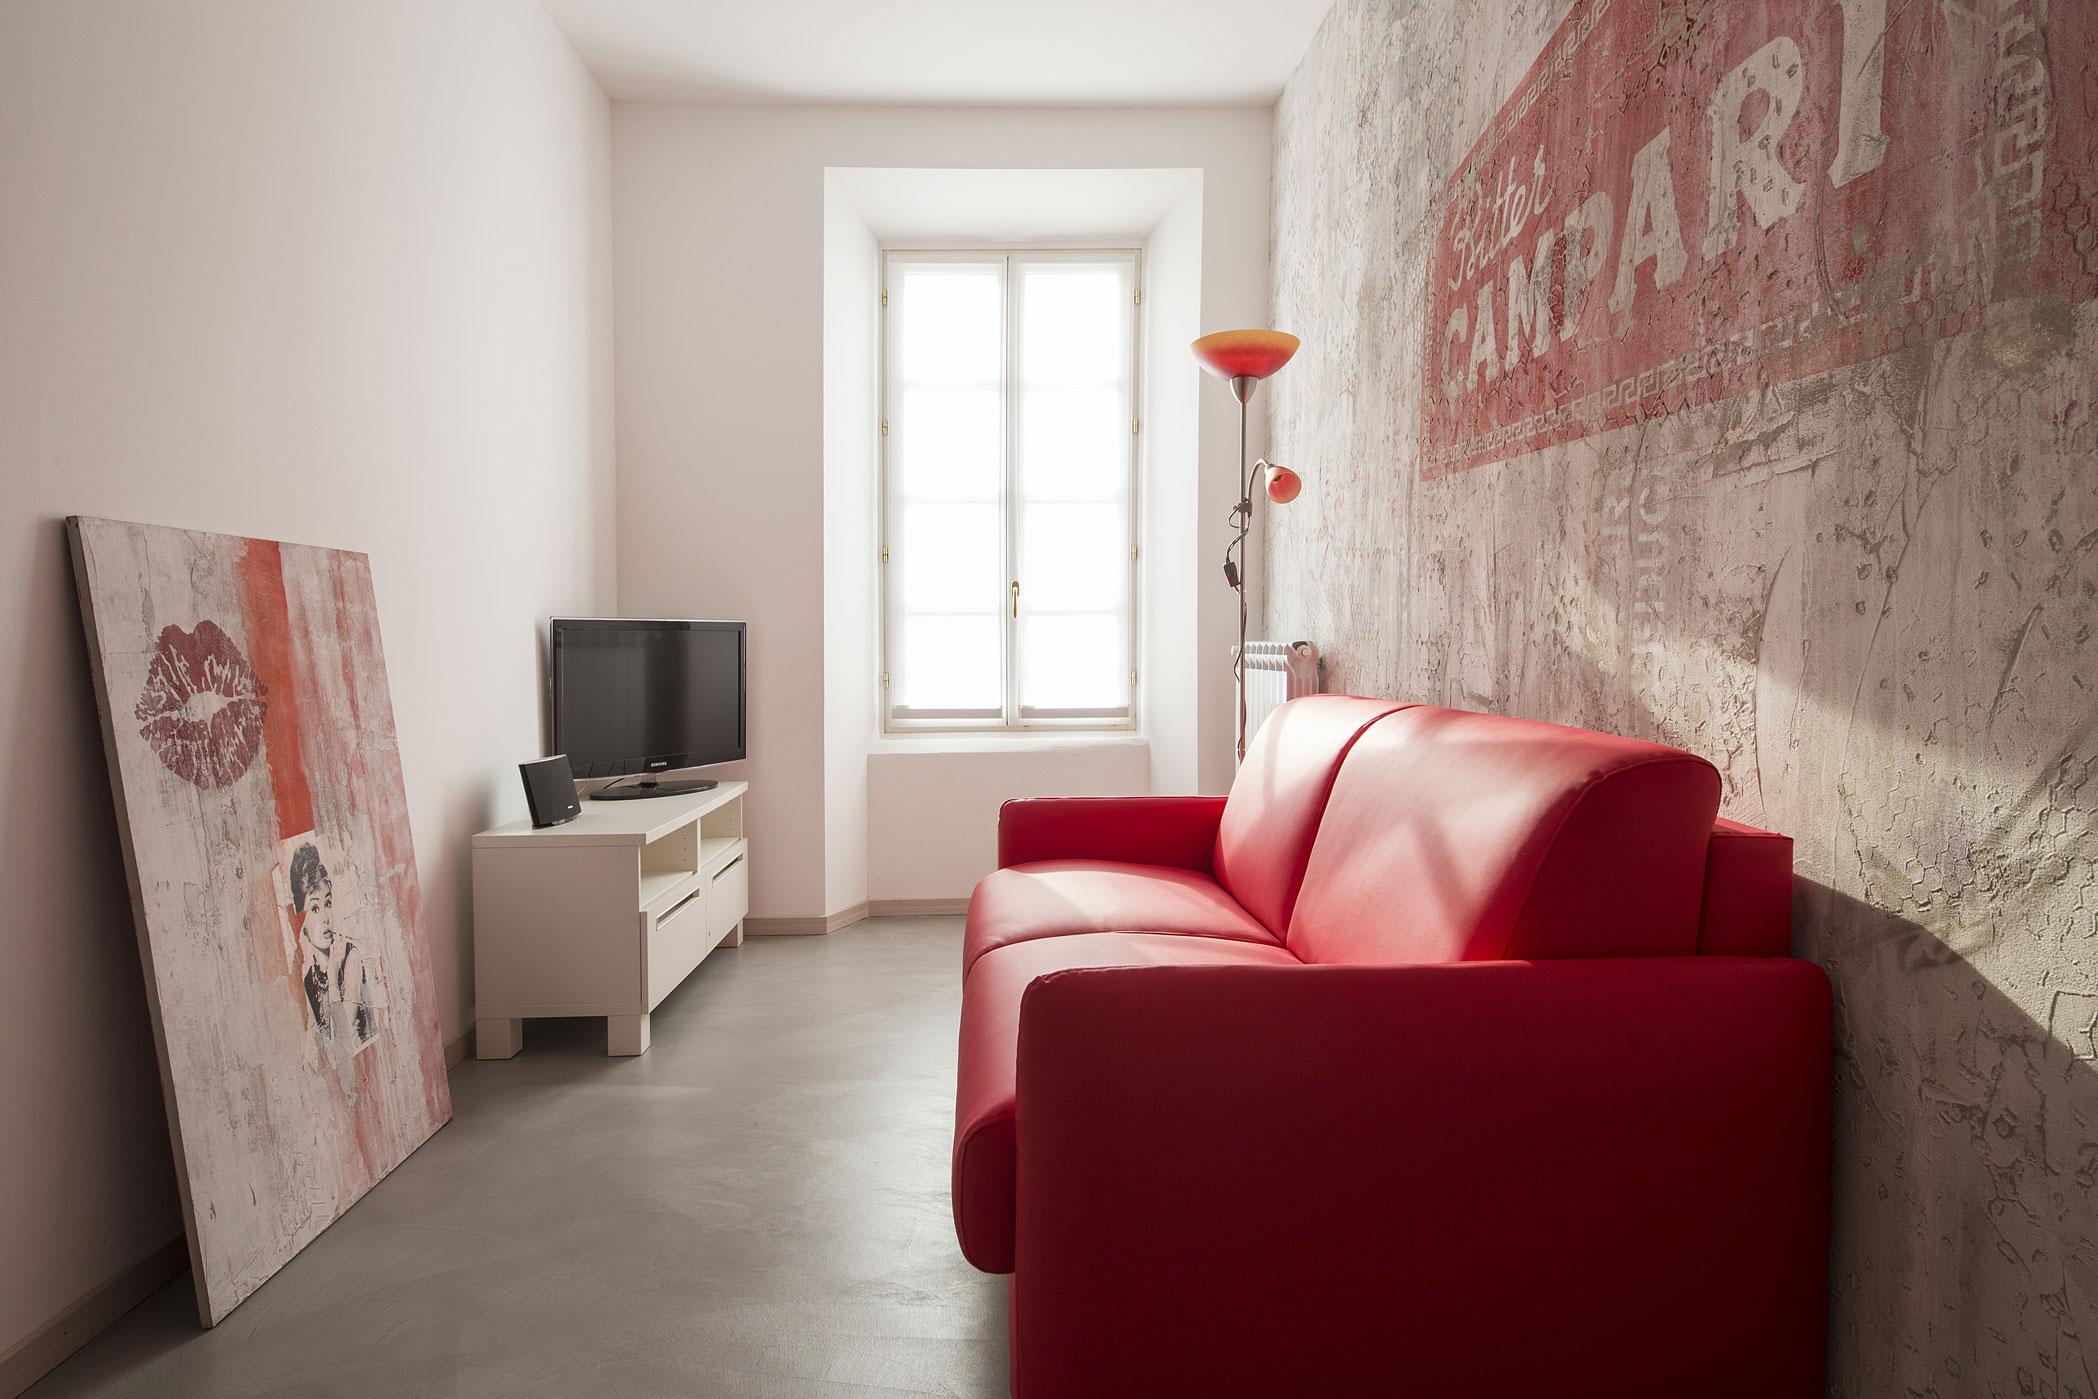 residenziale (115)